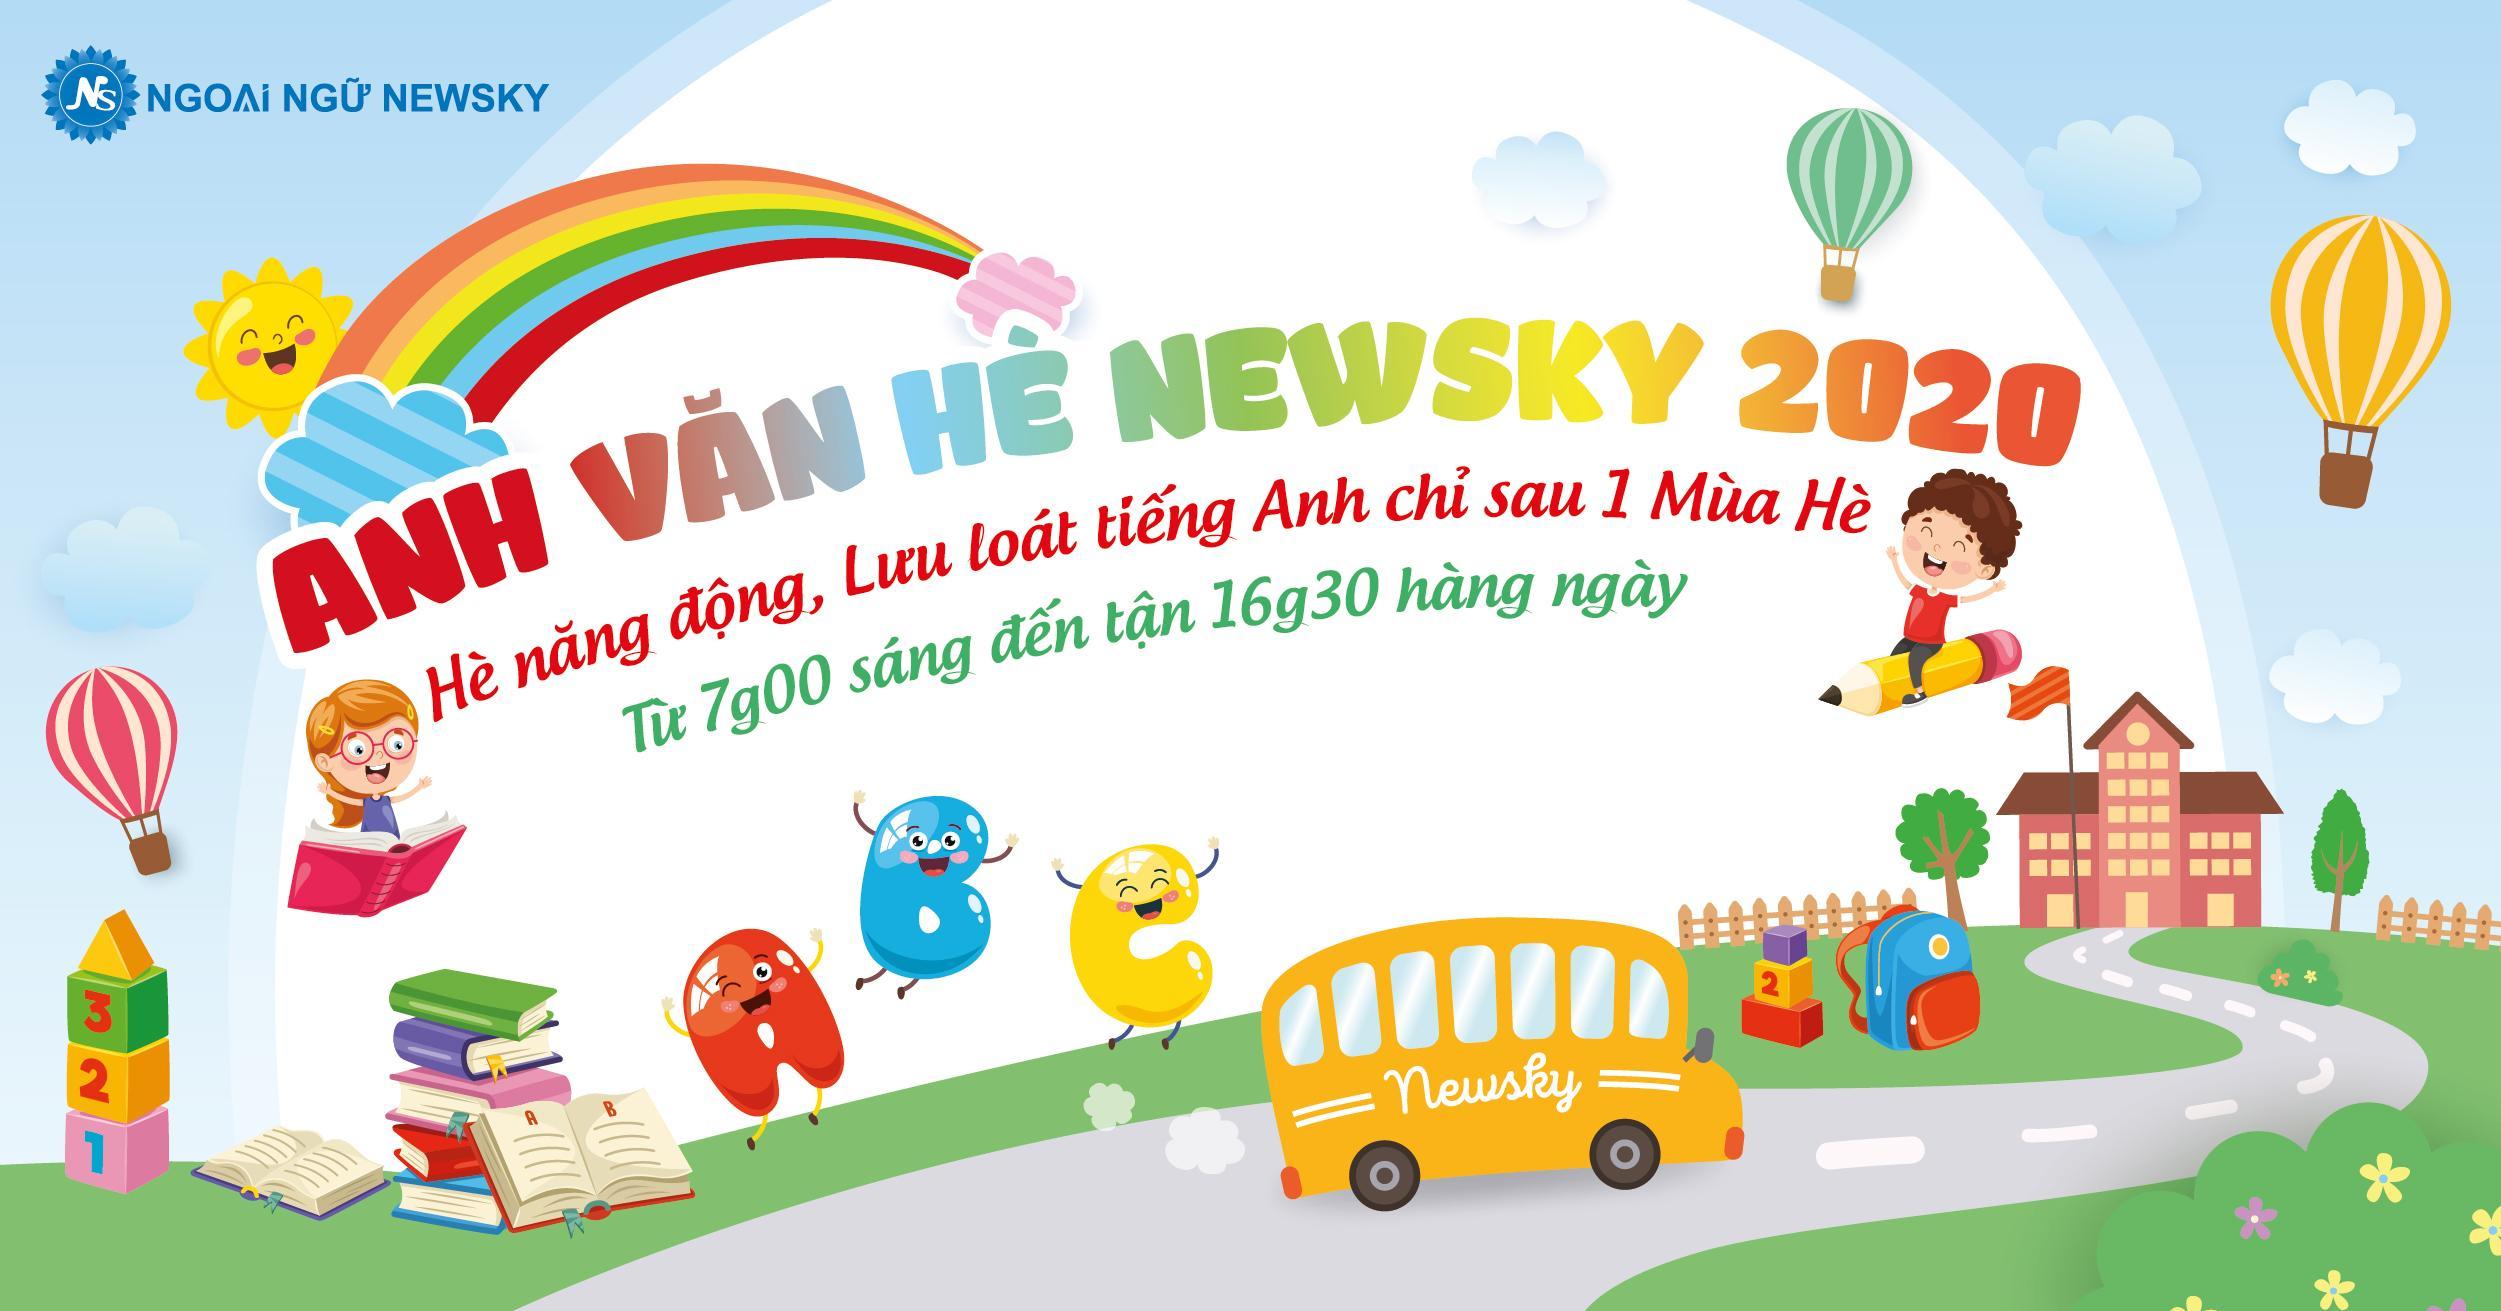 Popup Anh Văn Hè NewSky 2020